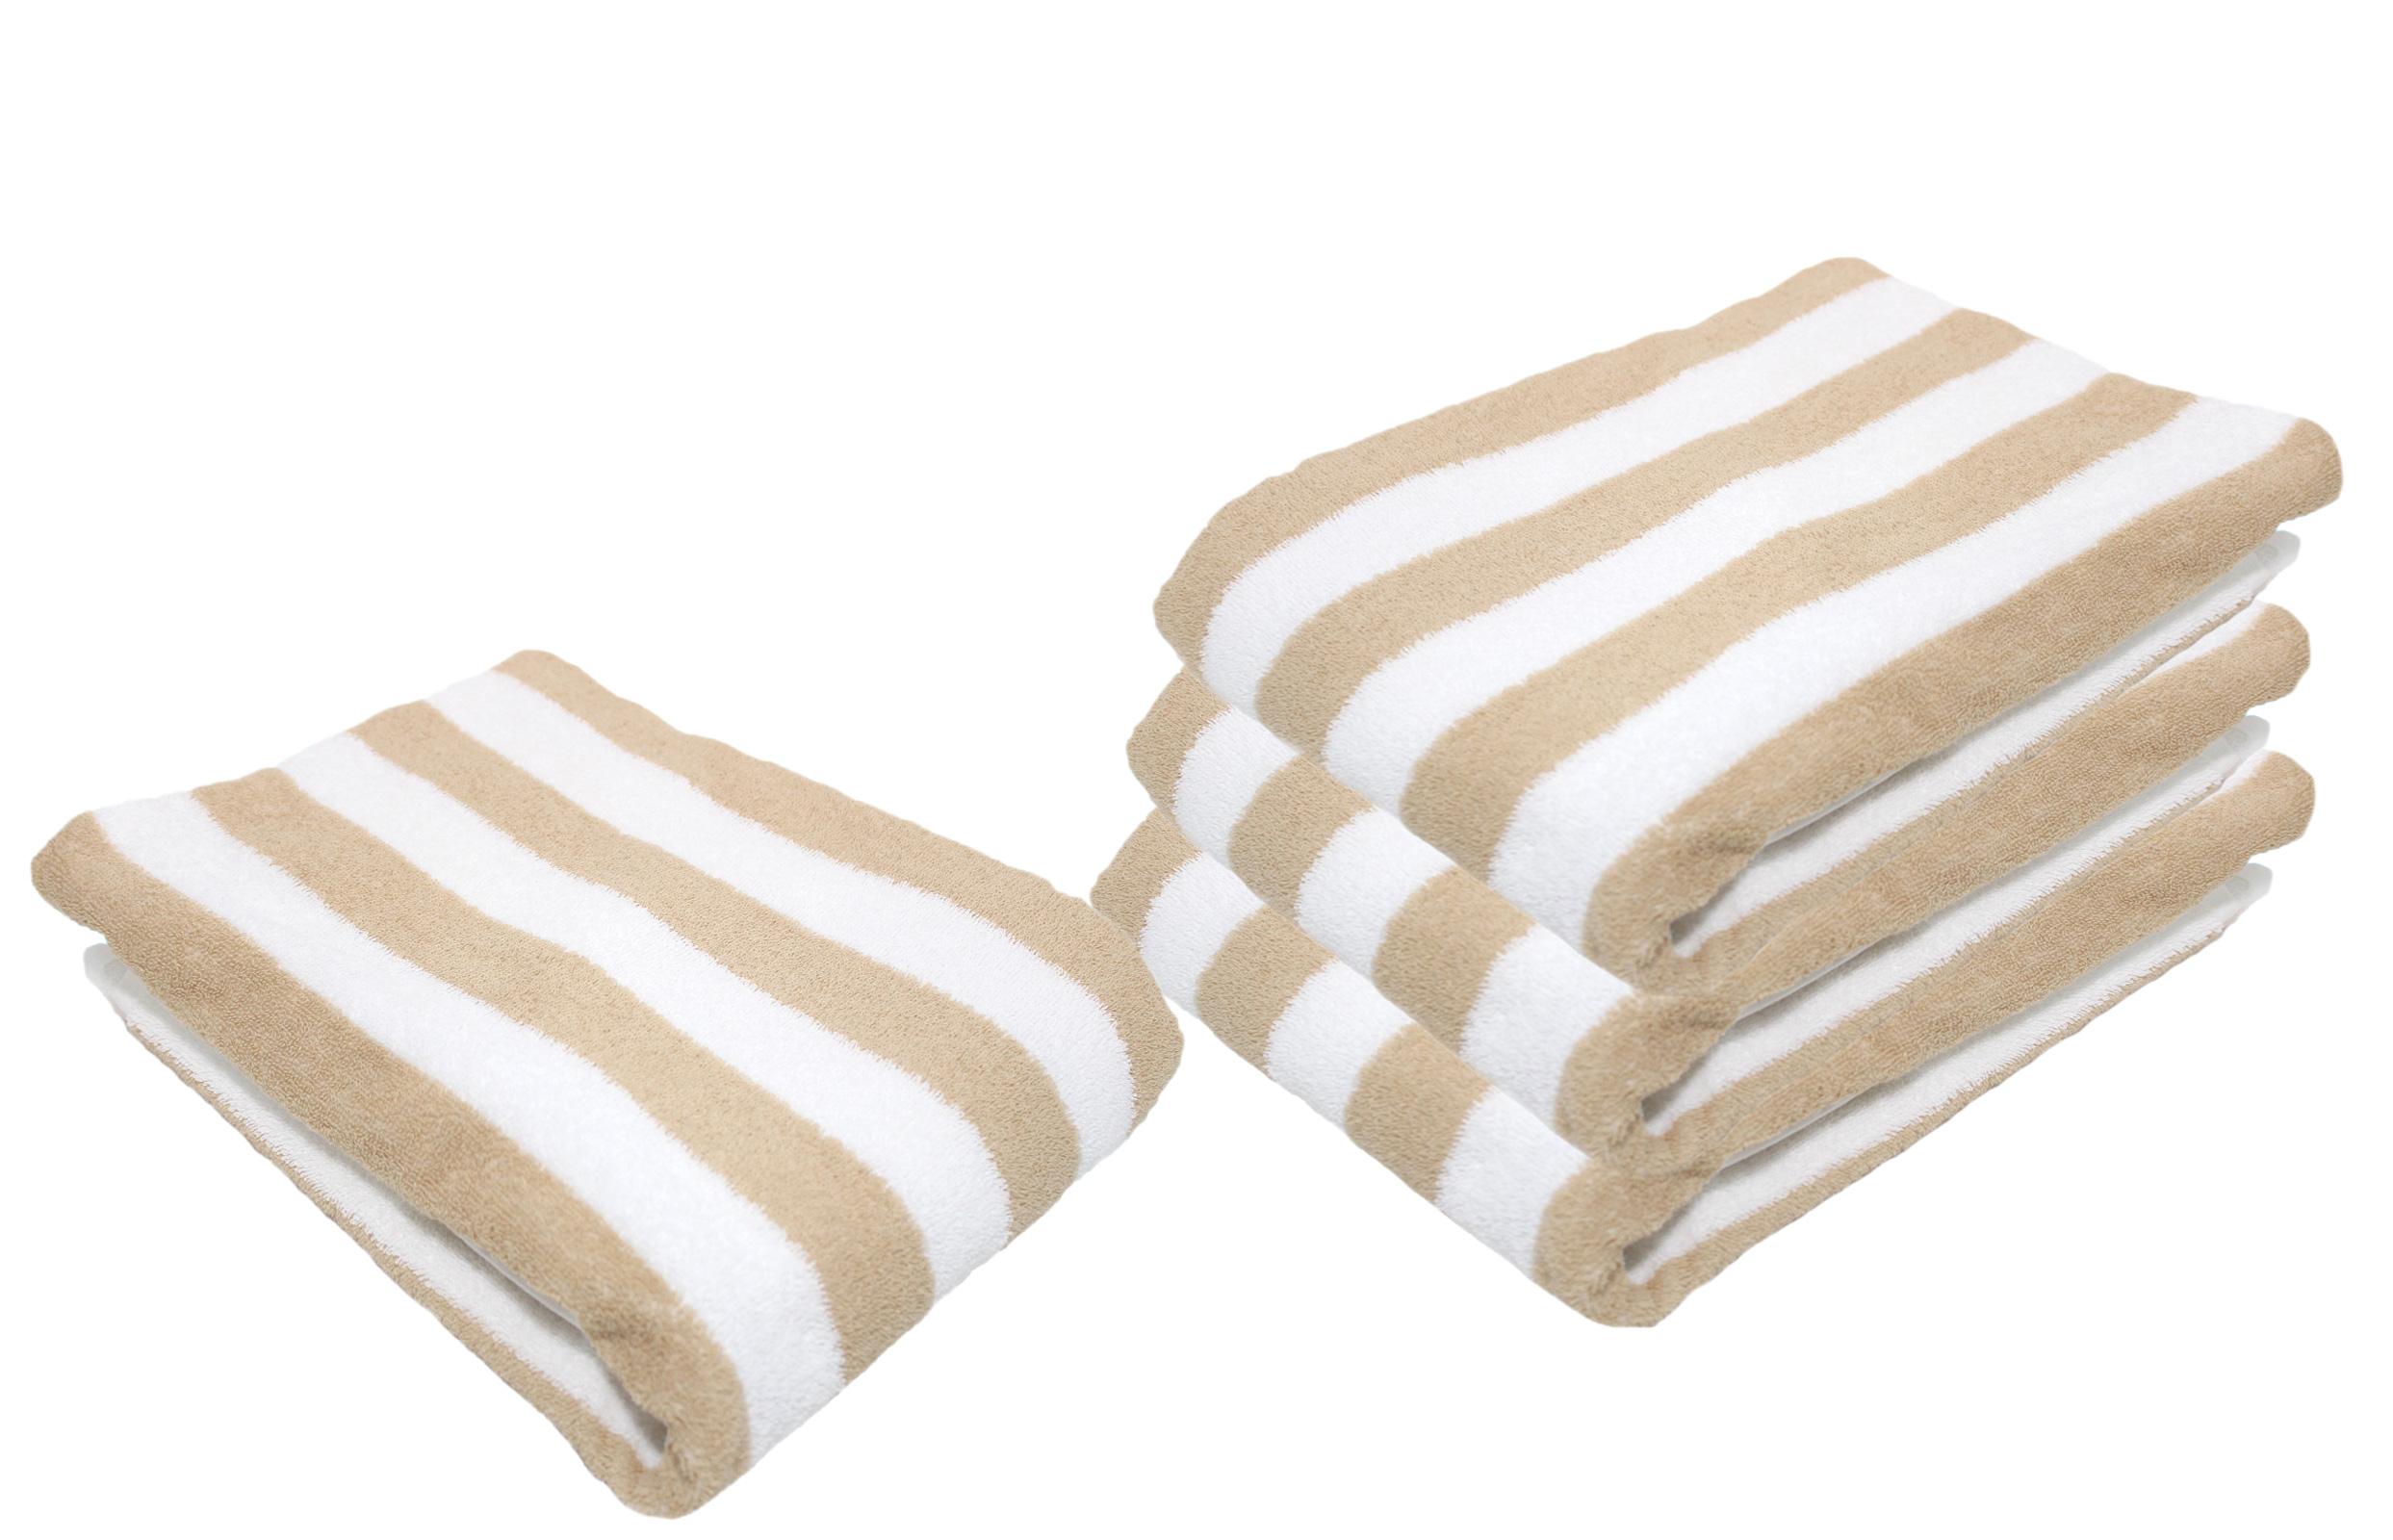 Badtextilien - Floringo 4er Pack Duschtuch Blockstreifen 95°C waschbar weiß sand 70x140 Restposten aus Kundenauftrag  - Onlineshop PremiumShop321